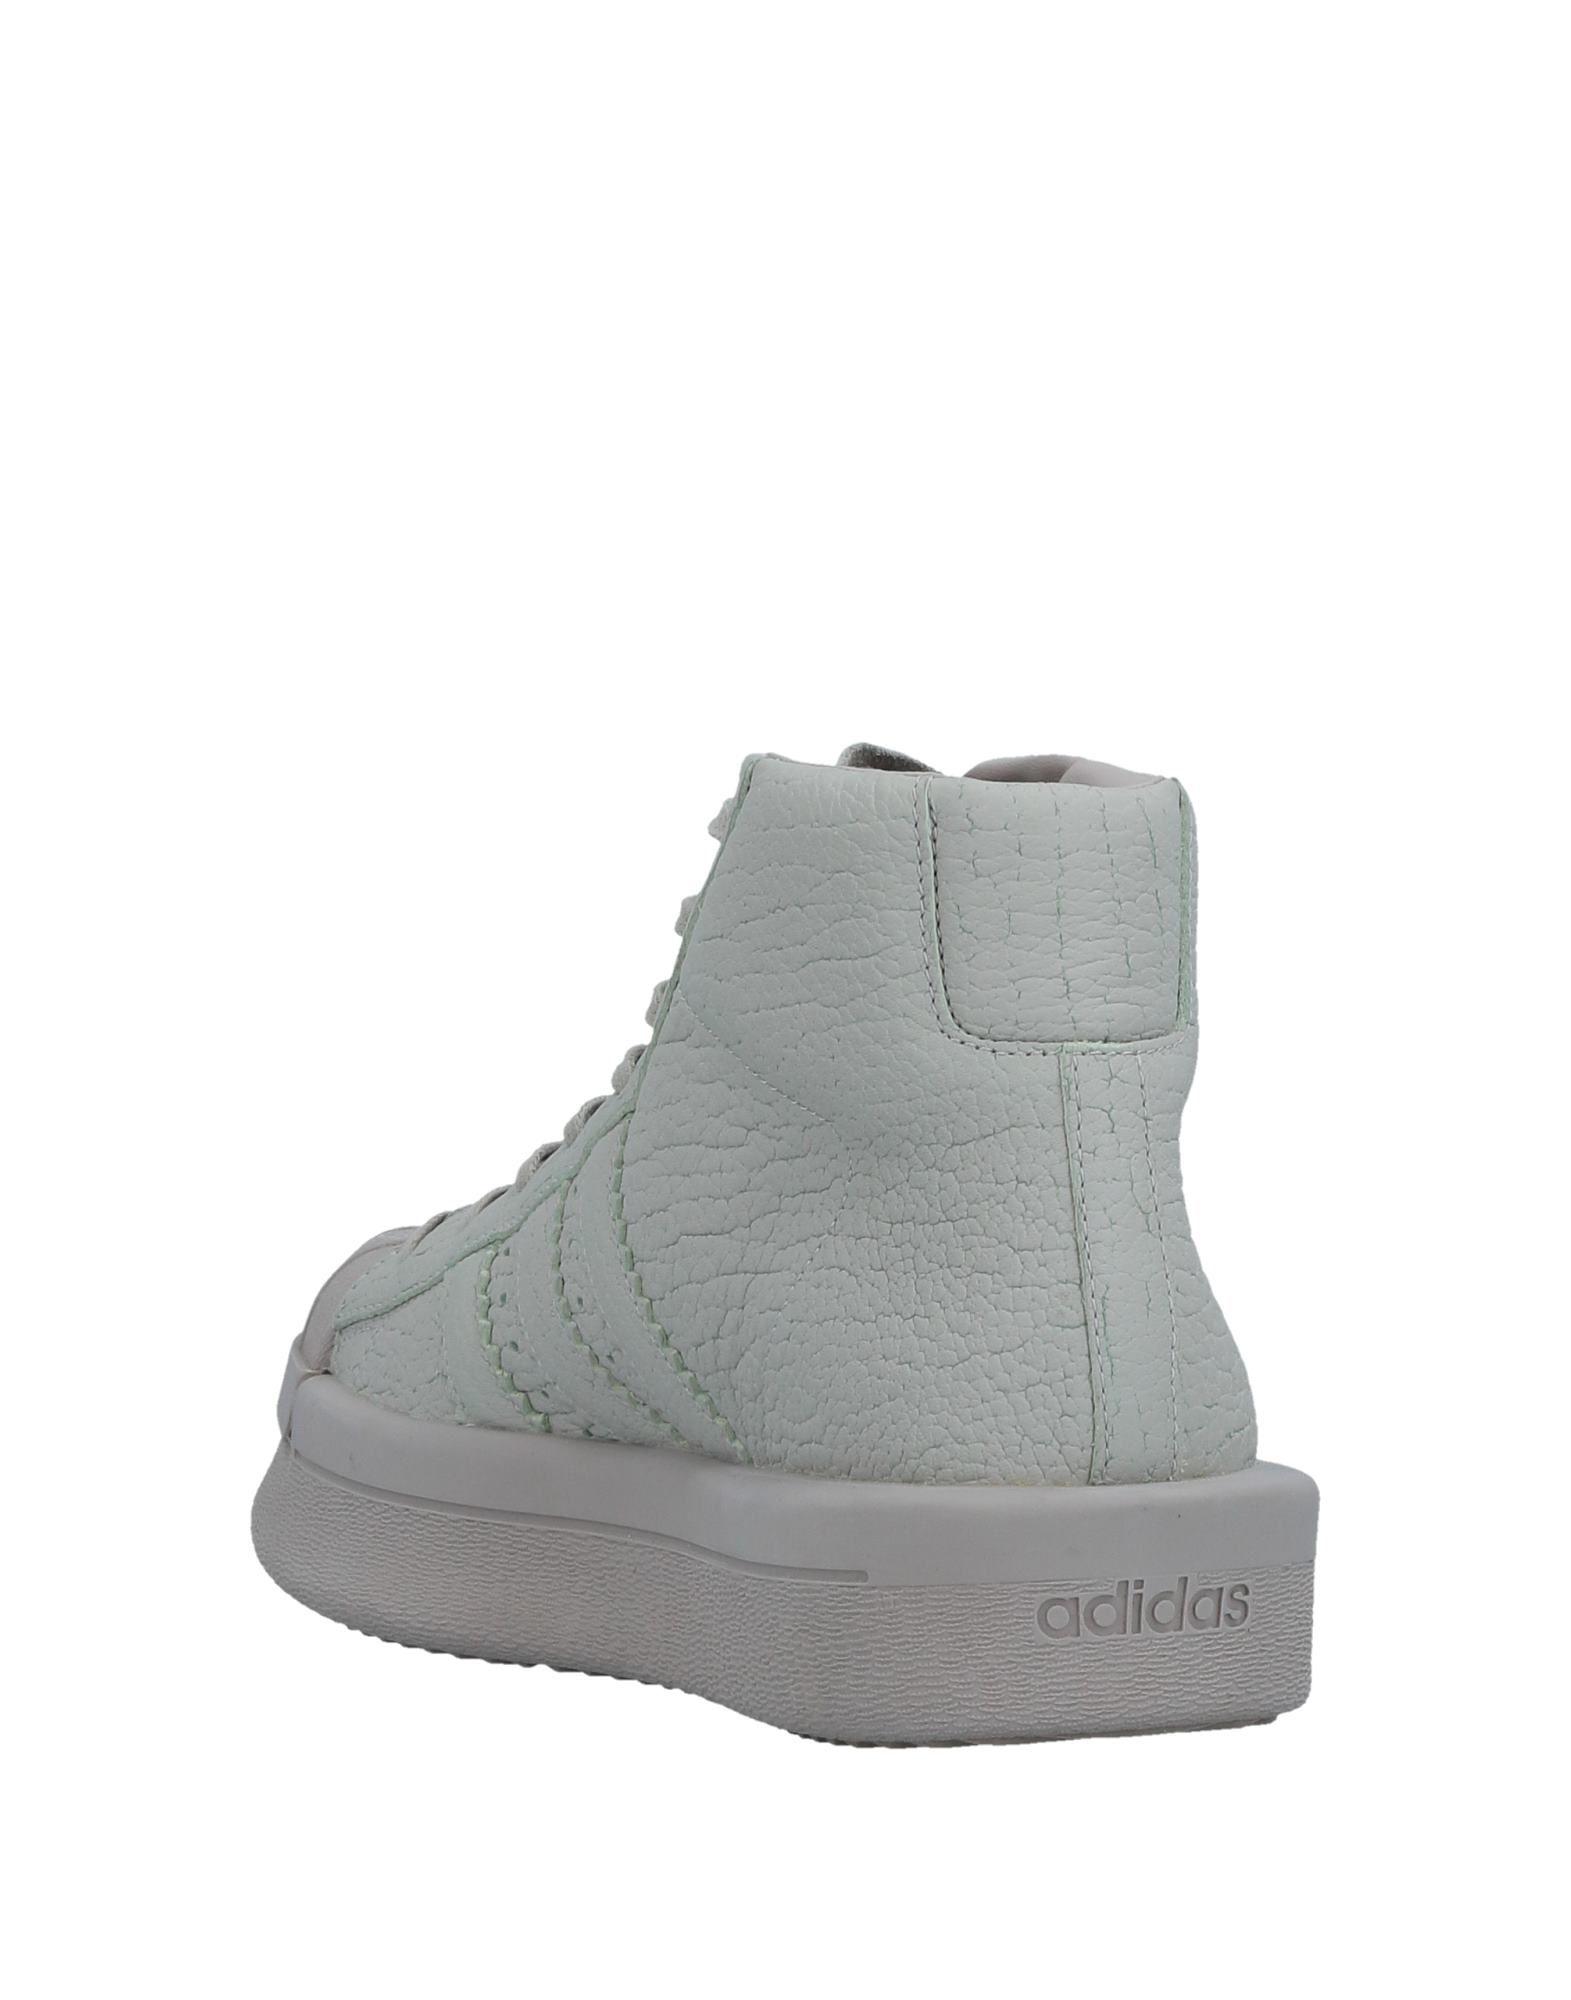 Rick Owens Gute X Adidas Sneakers Herren  11516228HI Gute Owens Qualität beliebte Schuhe a9f15b